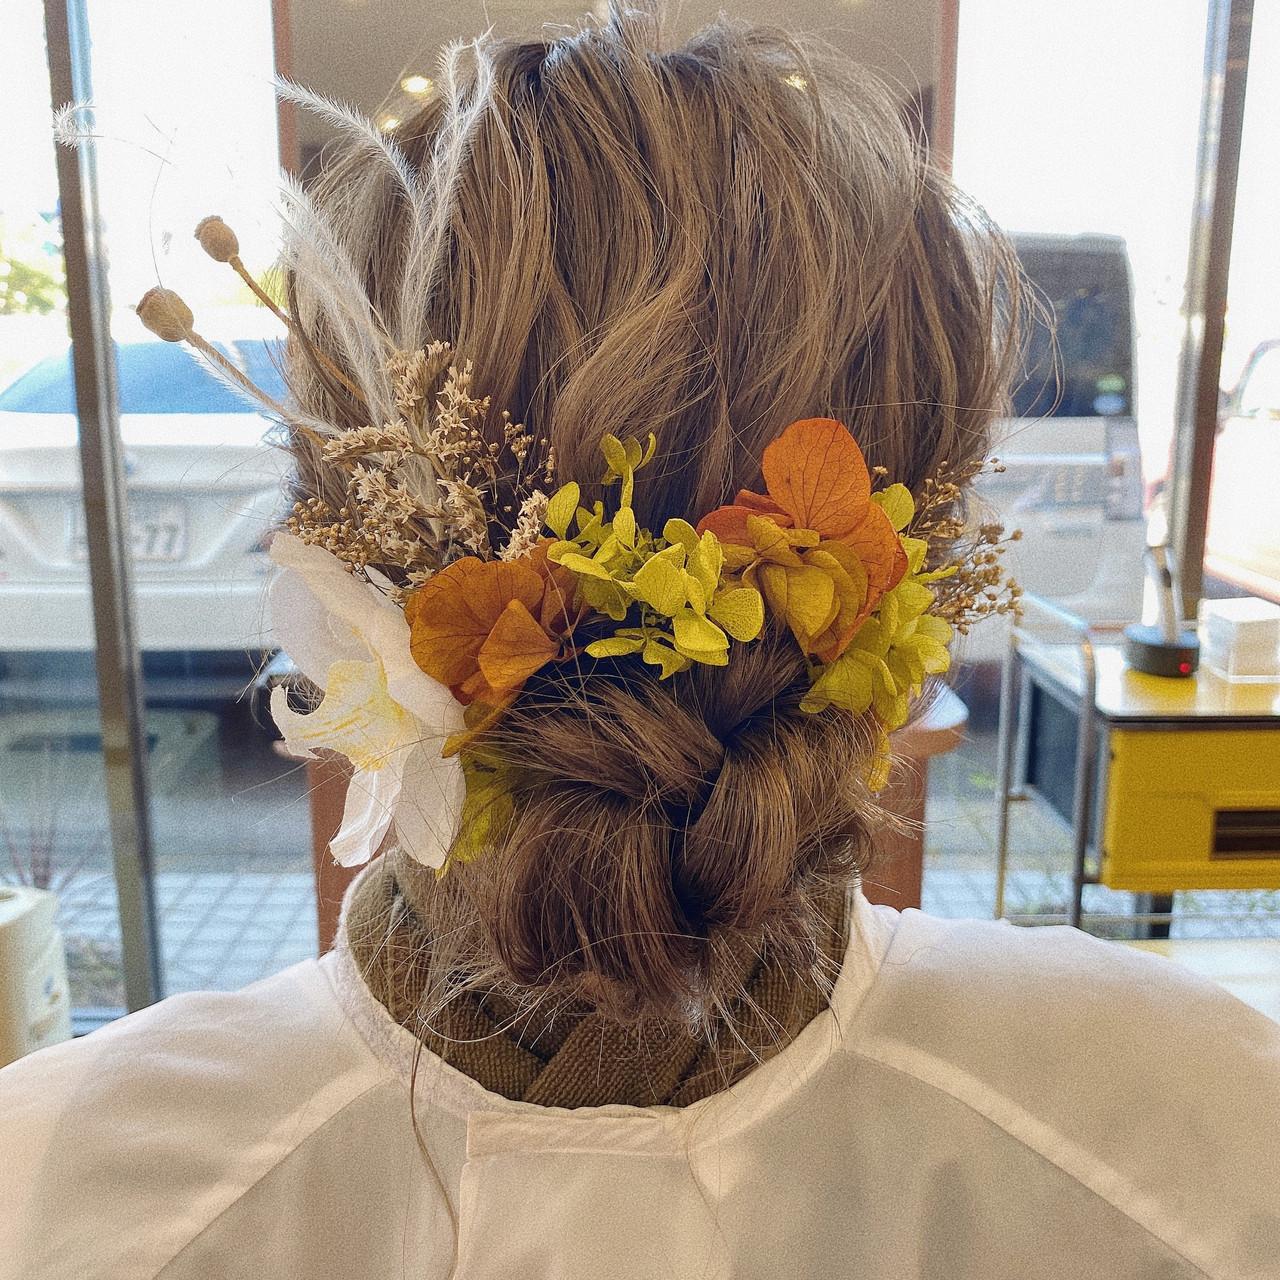 ふわふわヘアアレンジ ヘアアレンジ お団子アレンジ 結婚式ヘアアレンジ ヘアスタイルや髪型の写真・画像